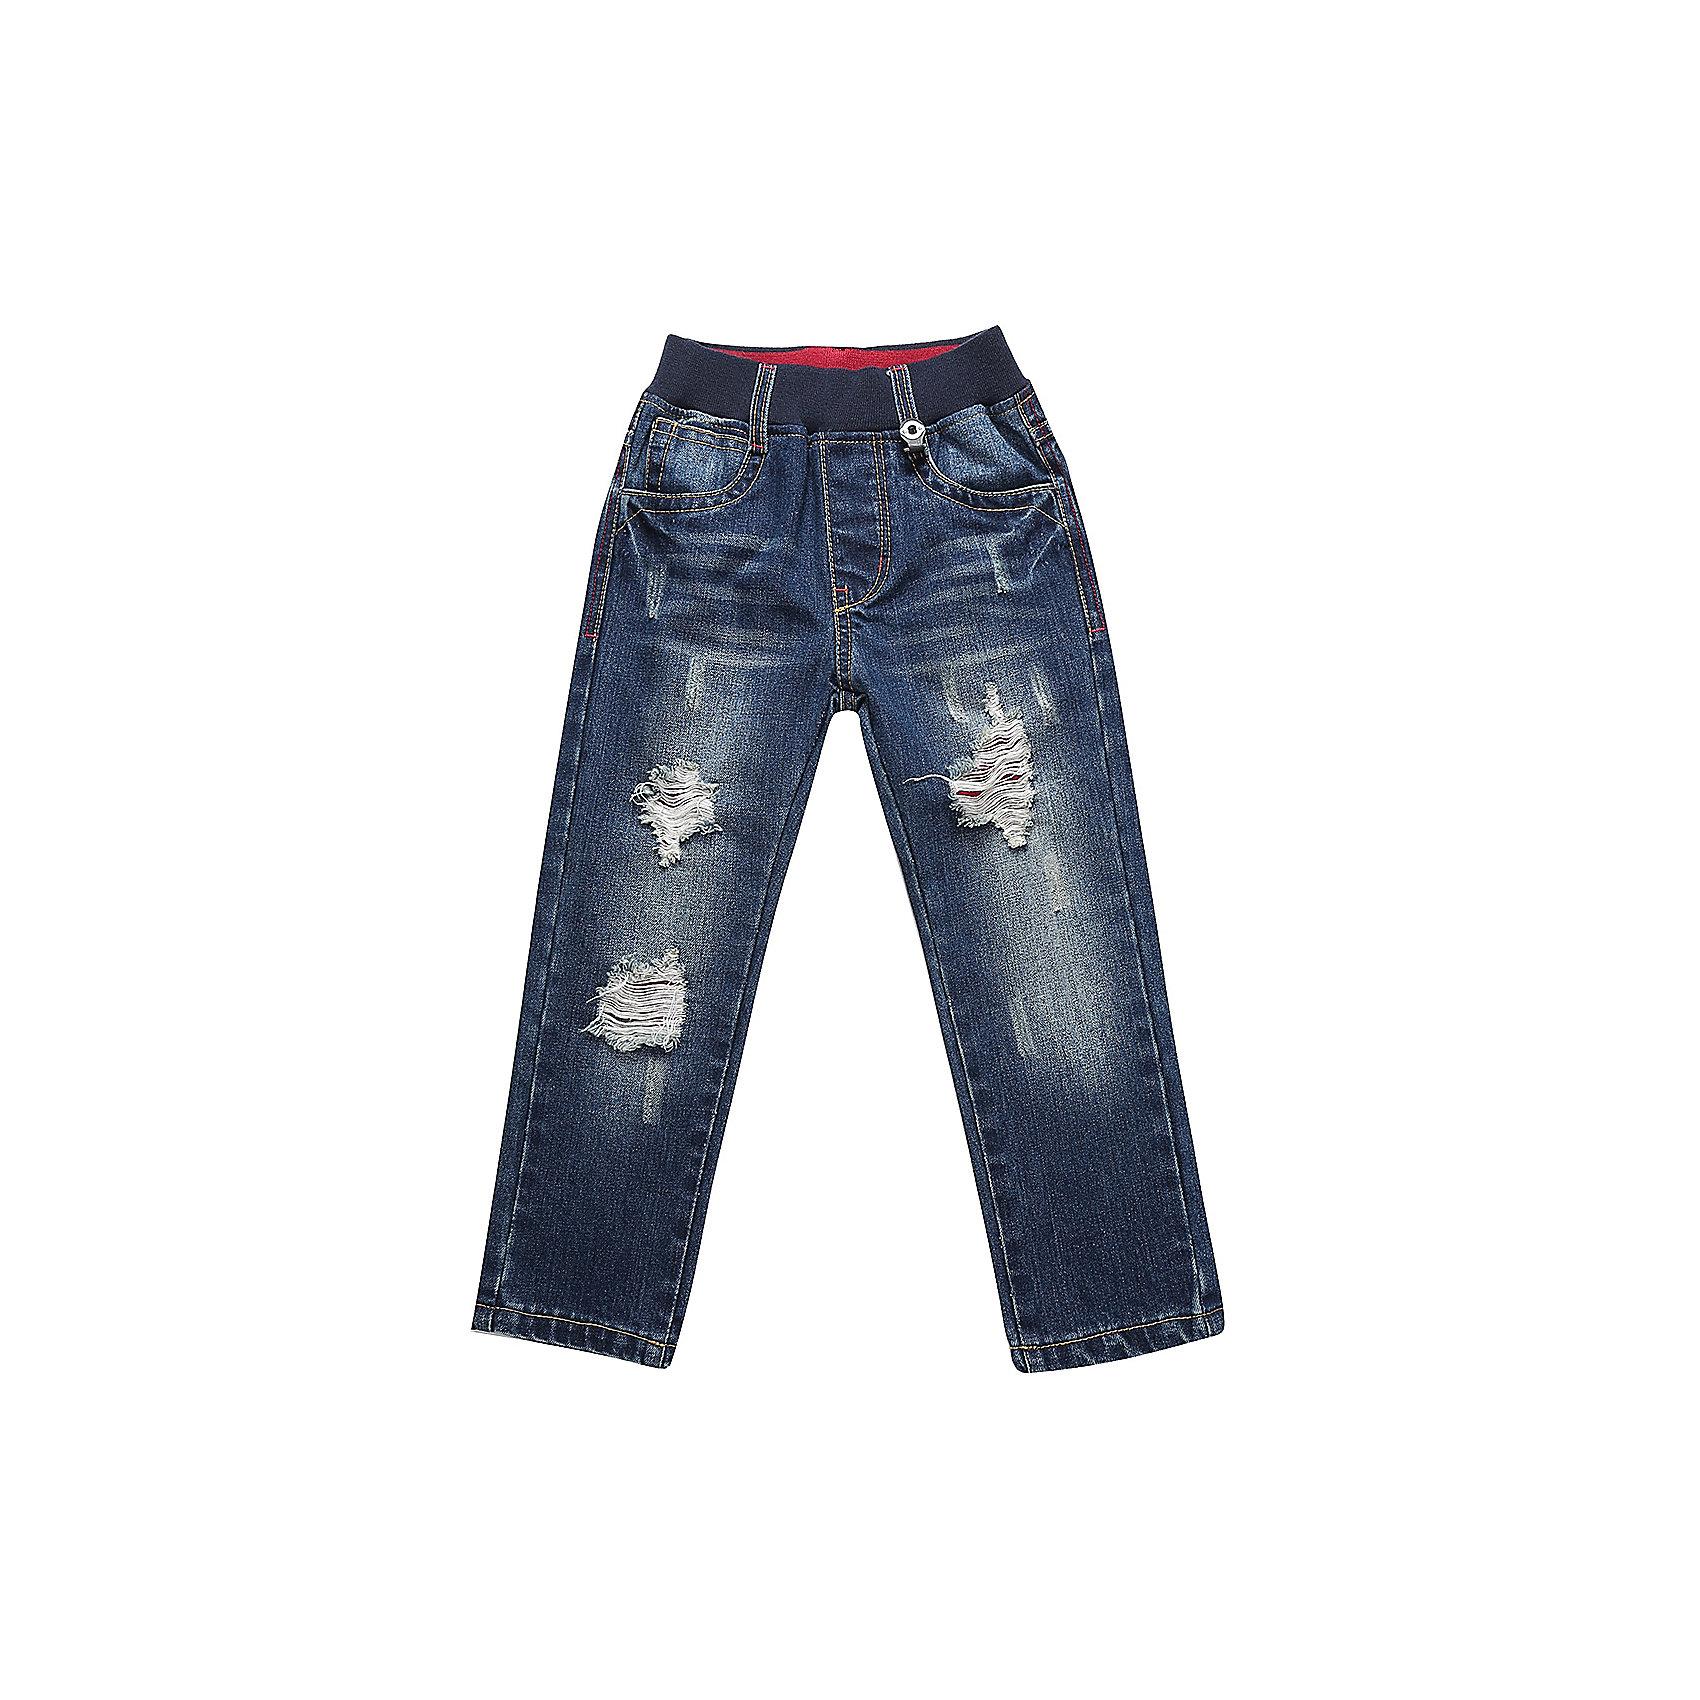 Брюки Sweet Berry для мальчикаДжинсы<br>Брюки Sweet Berry для мальчика<br>Модные джинсовые брюки для мальчика с эффектом рваной джинсы на мягком эластичном поясе.  Прямой крой. Шлевки на поясе рассчитаны под ремень<br>Состав:<br>100% хлопок<br><br>Ширина мм: 215<br>Глубина мм: 88<br>Высота мм: 191<br>Вес г: 336<br>Цвет: синий<br>Возраст от месяцев: 84<br>Возраст до месяцев: 96<br>Пол: Мужской<br>Возраст: Детский<br>Размер: 128,98,104,110,116,122<br>SKU: 7094713